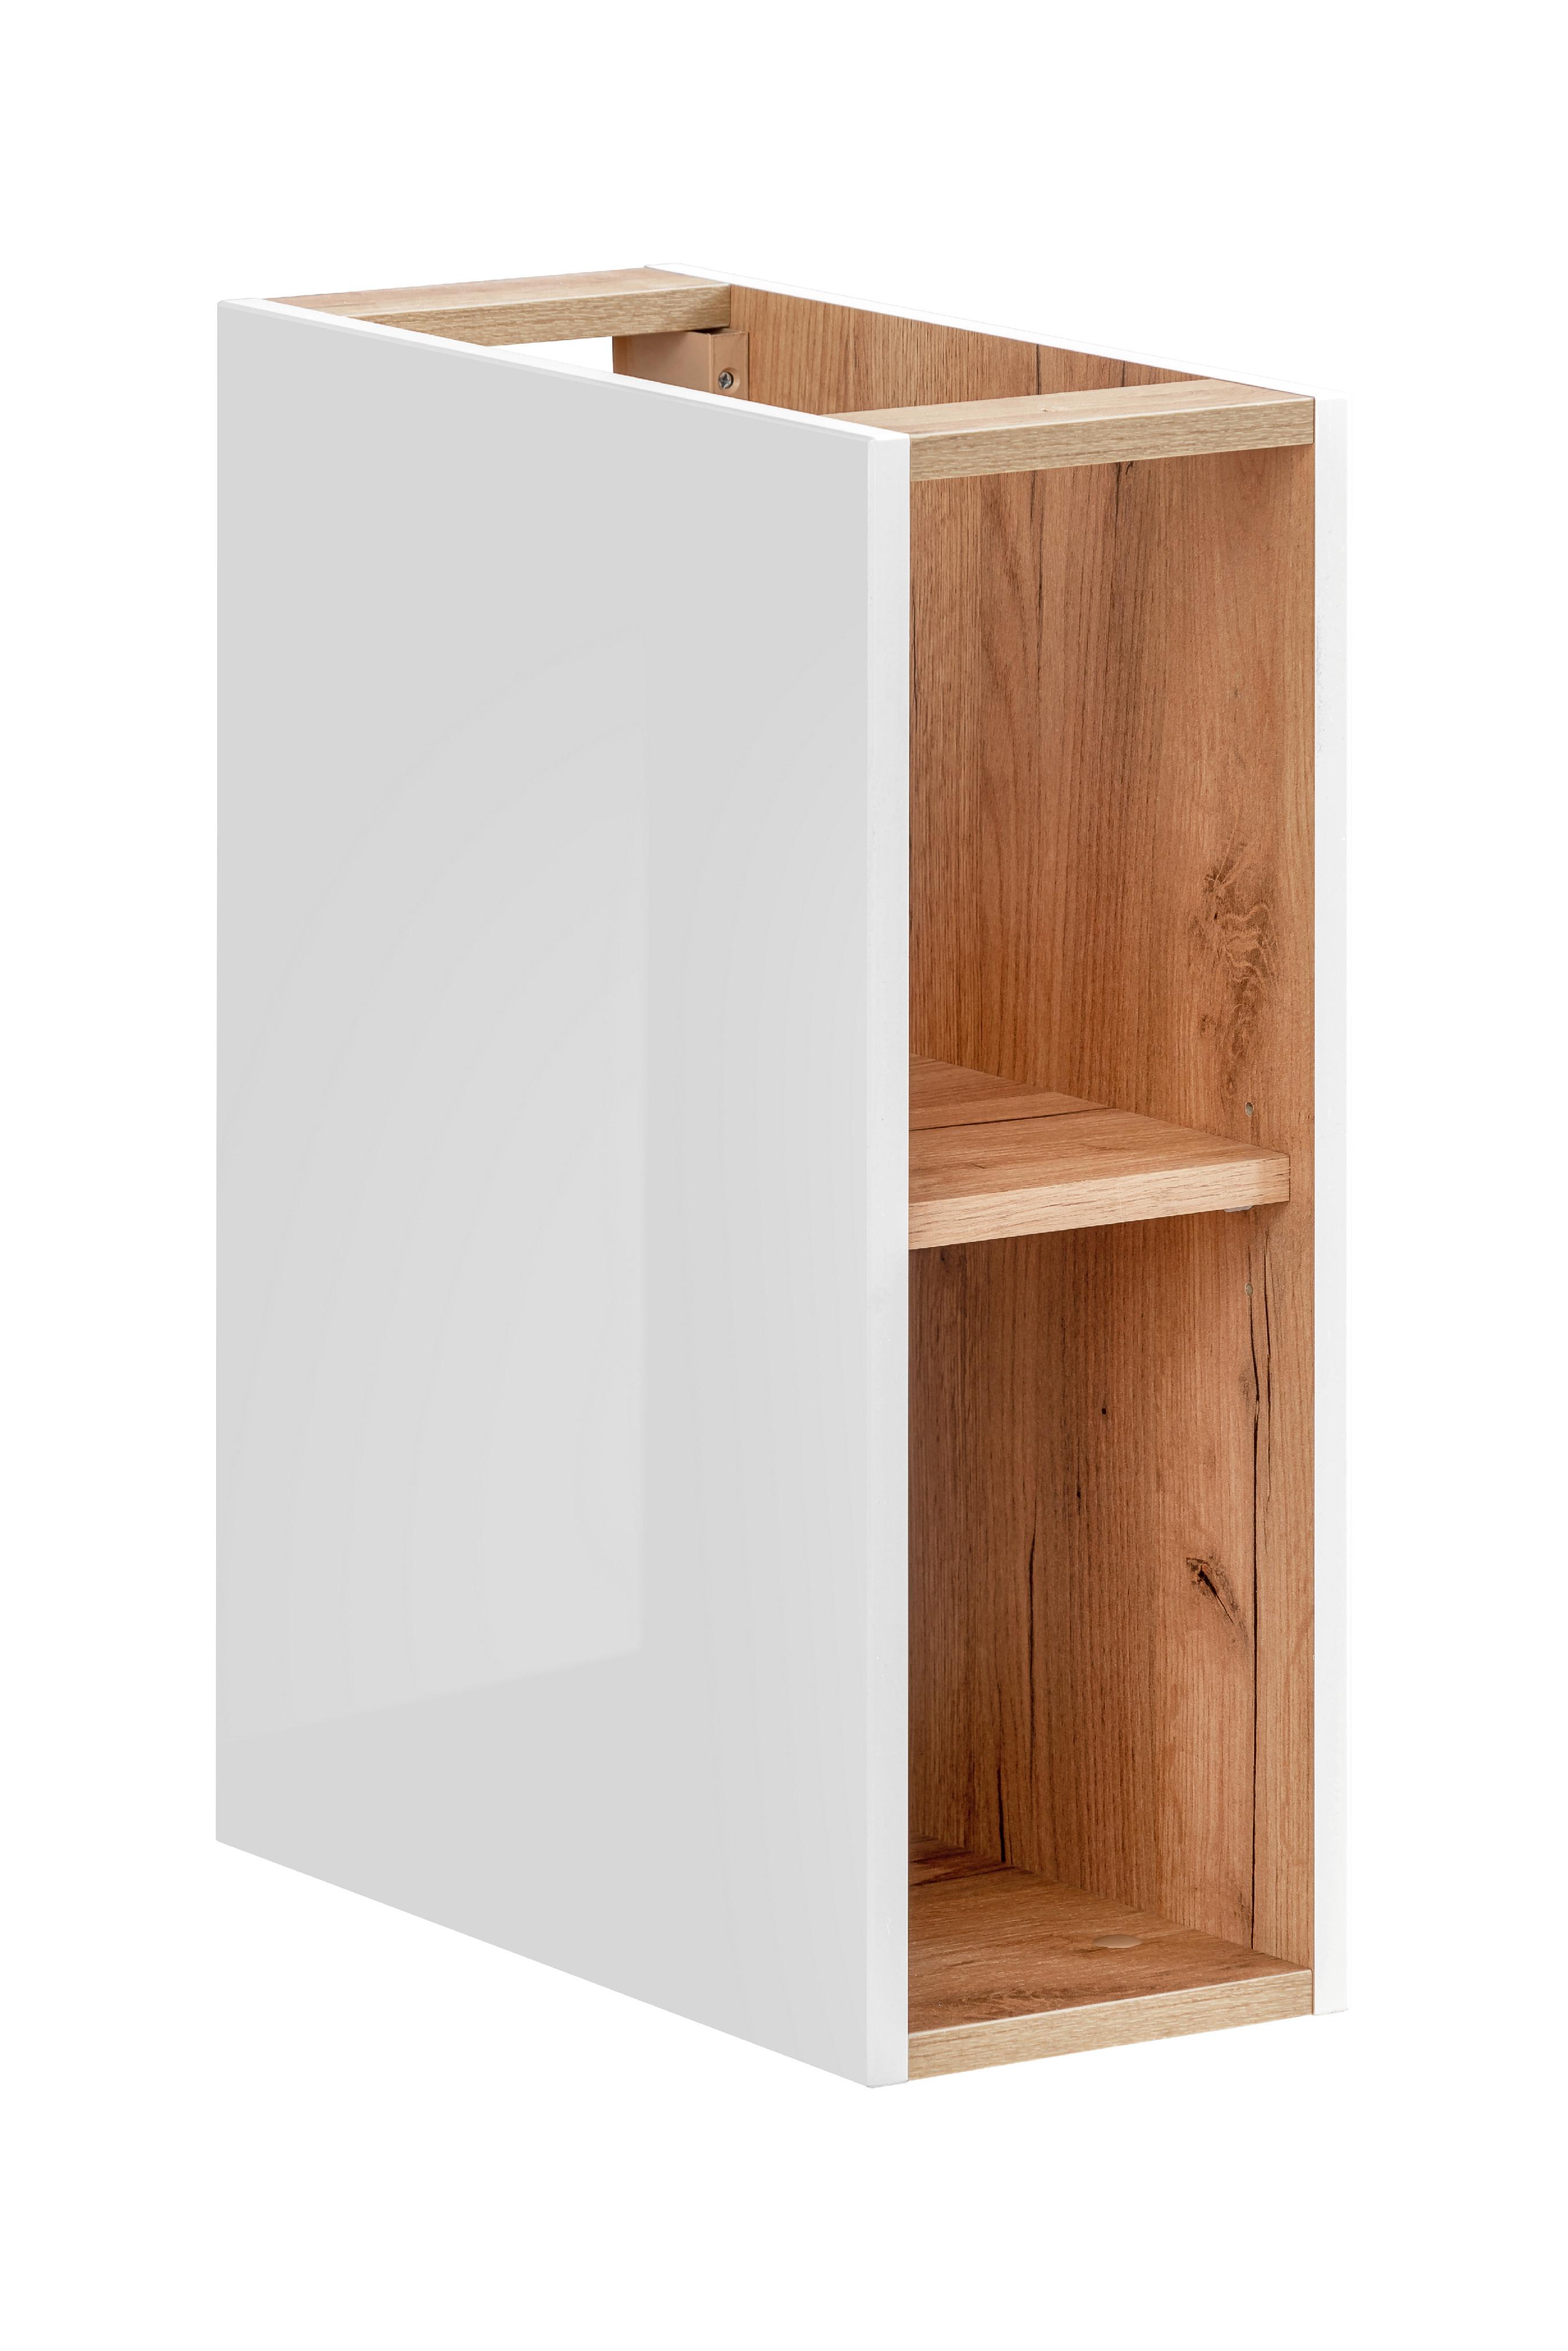 ArtCom Kúpeľňová zostava Capri | biela Capri | biela: Nízka spodná skrinka 810